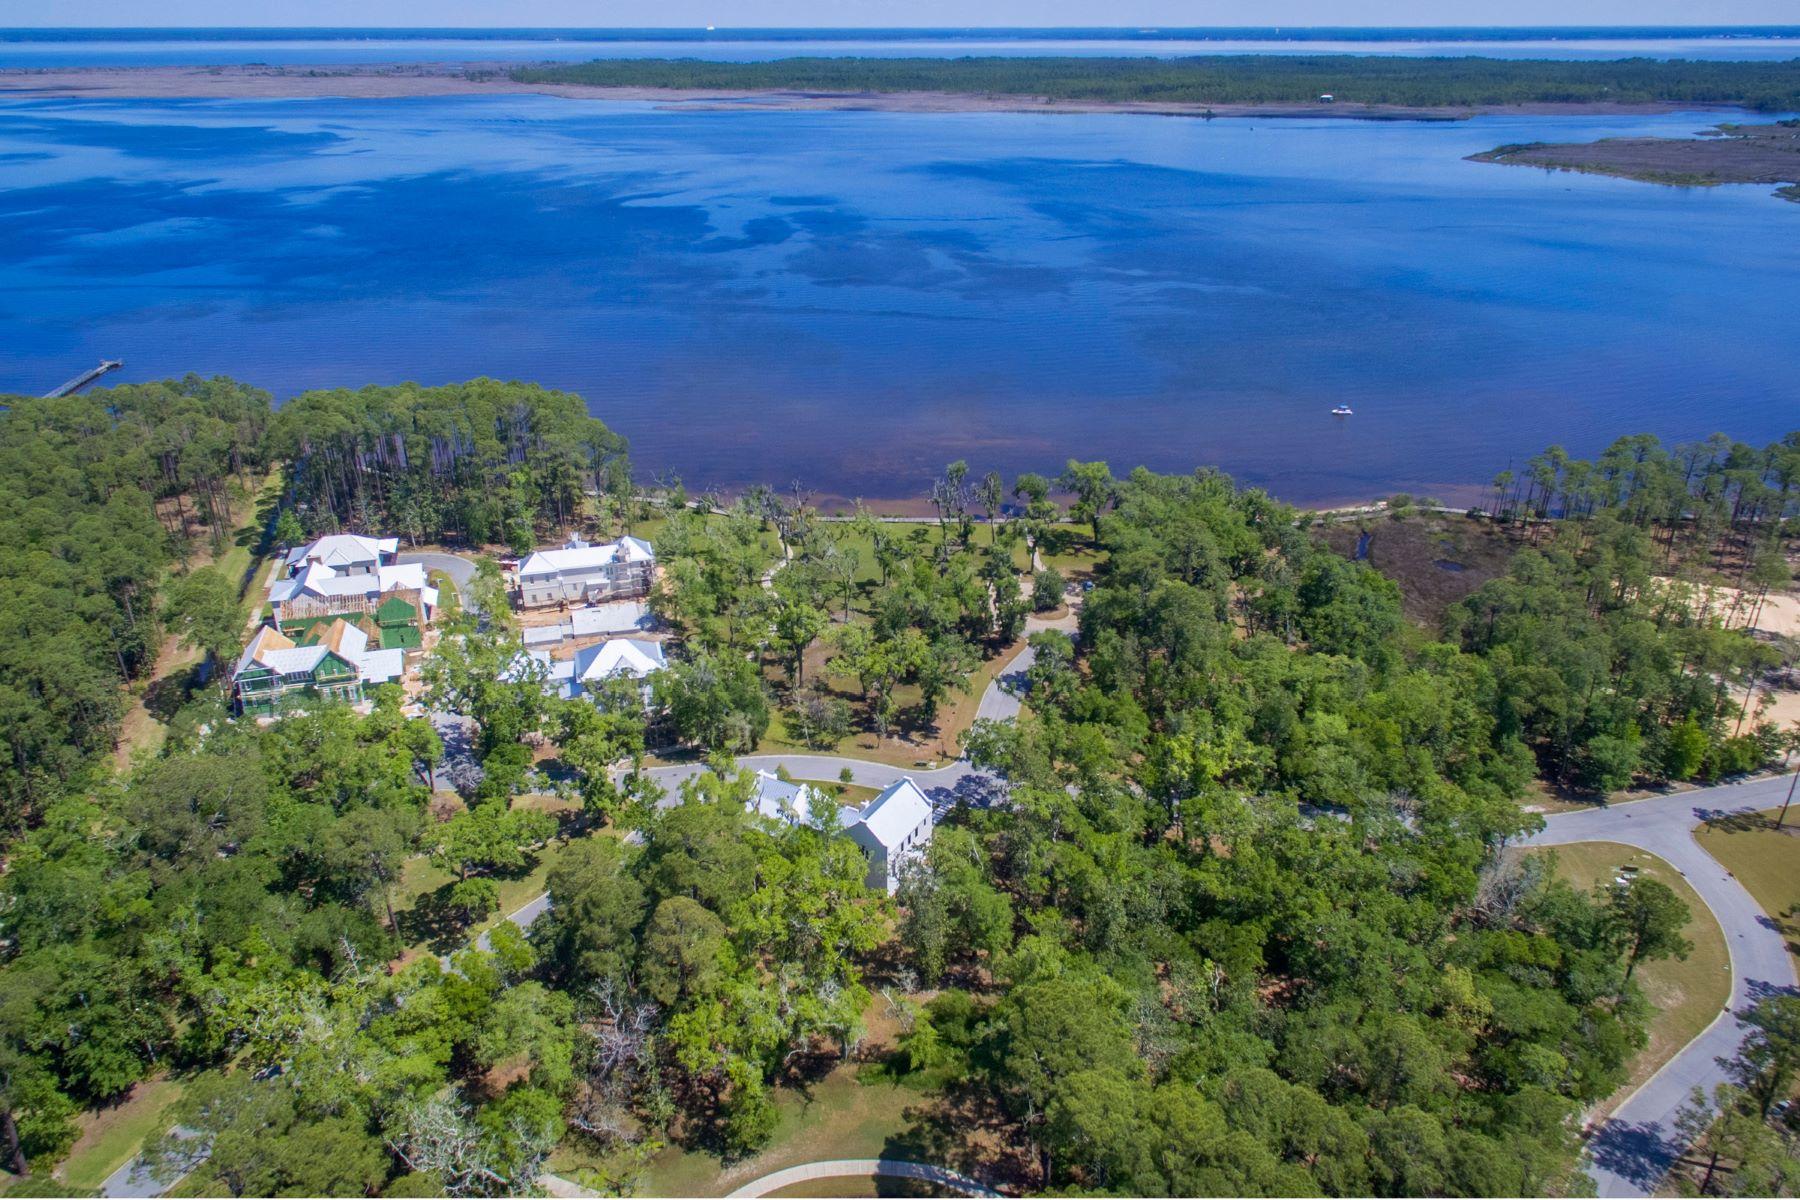 أراضي للـ Sale في Spacious Homesite in Exclusive Gated Community with Amenities Lot 27 Tyler, Santa Rosa Beach, Florida, SANTA United States